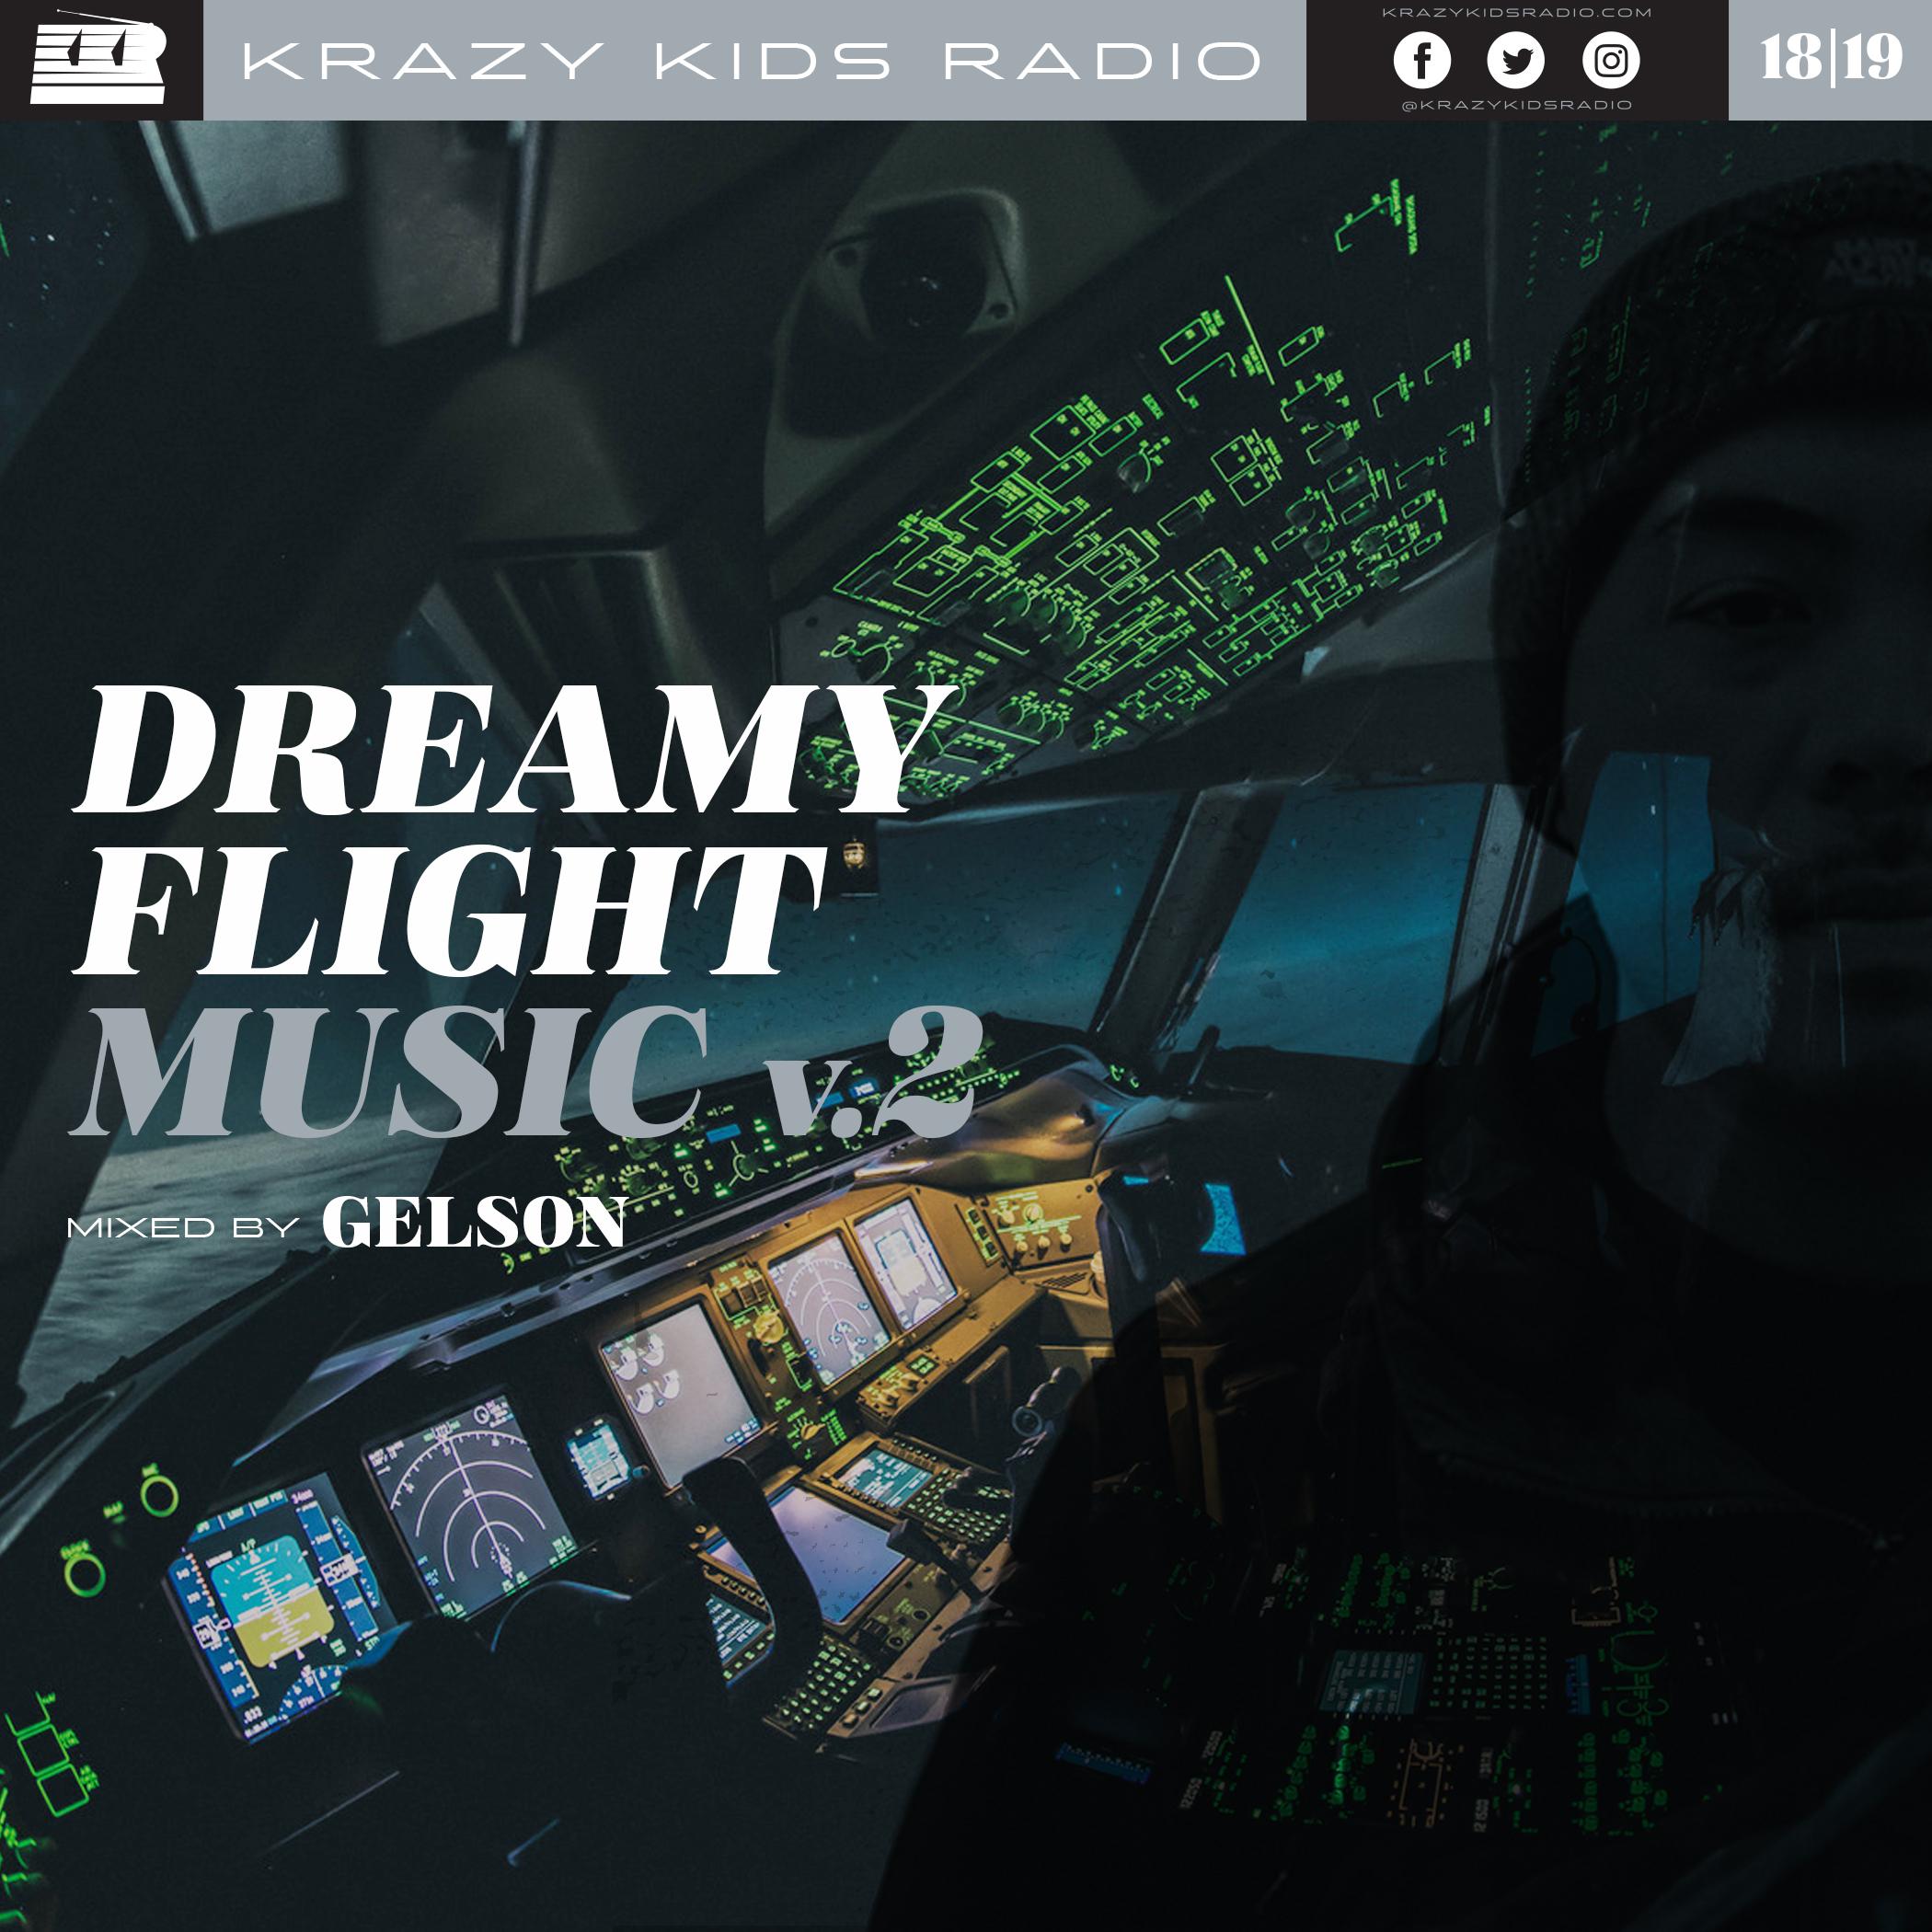 KKR_DREAMY-FLIGHT-MUSIC-v2.jpg